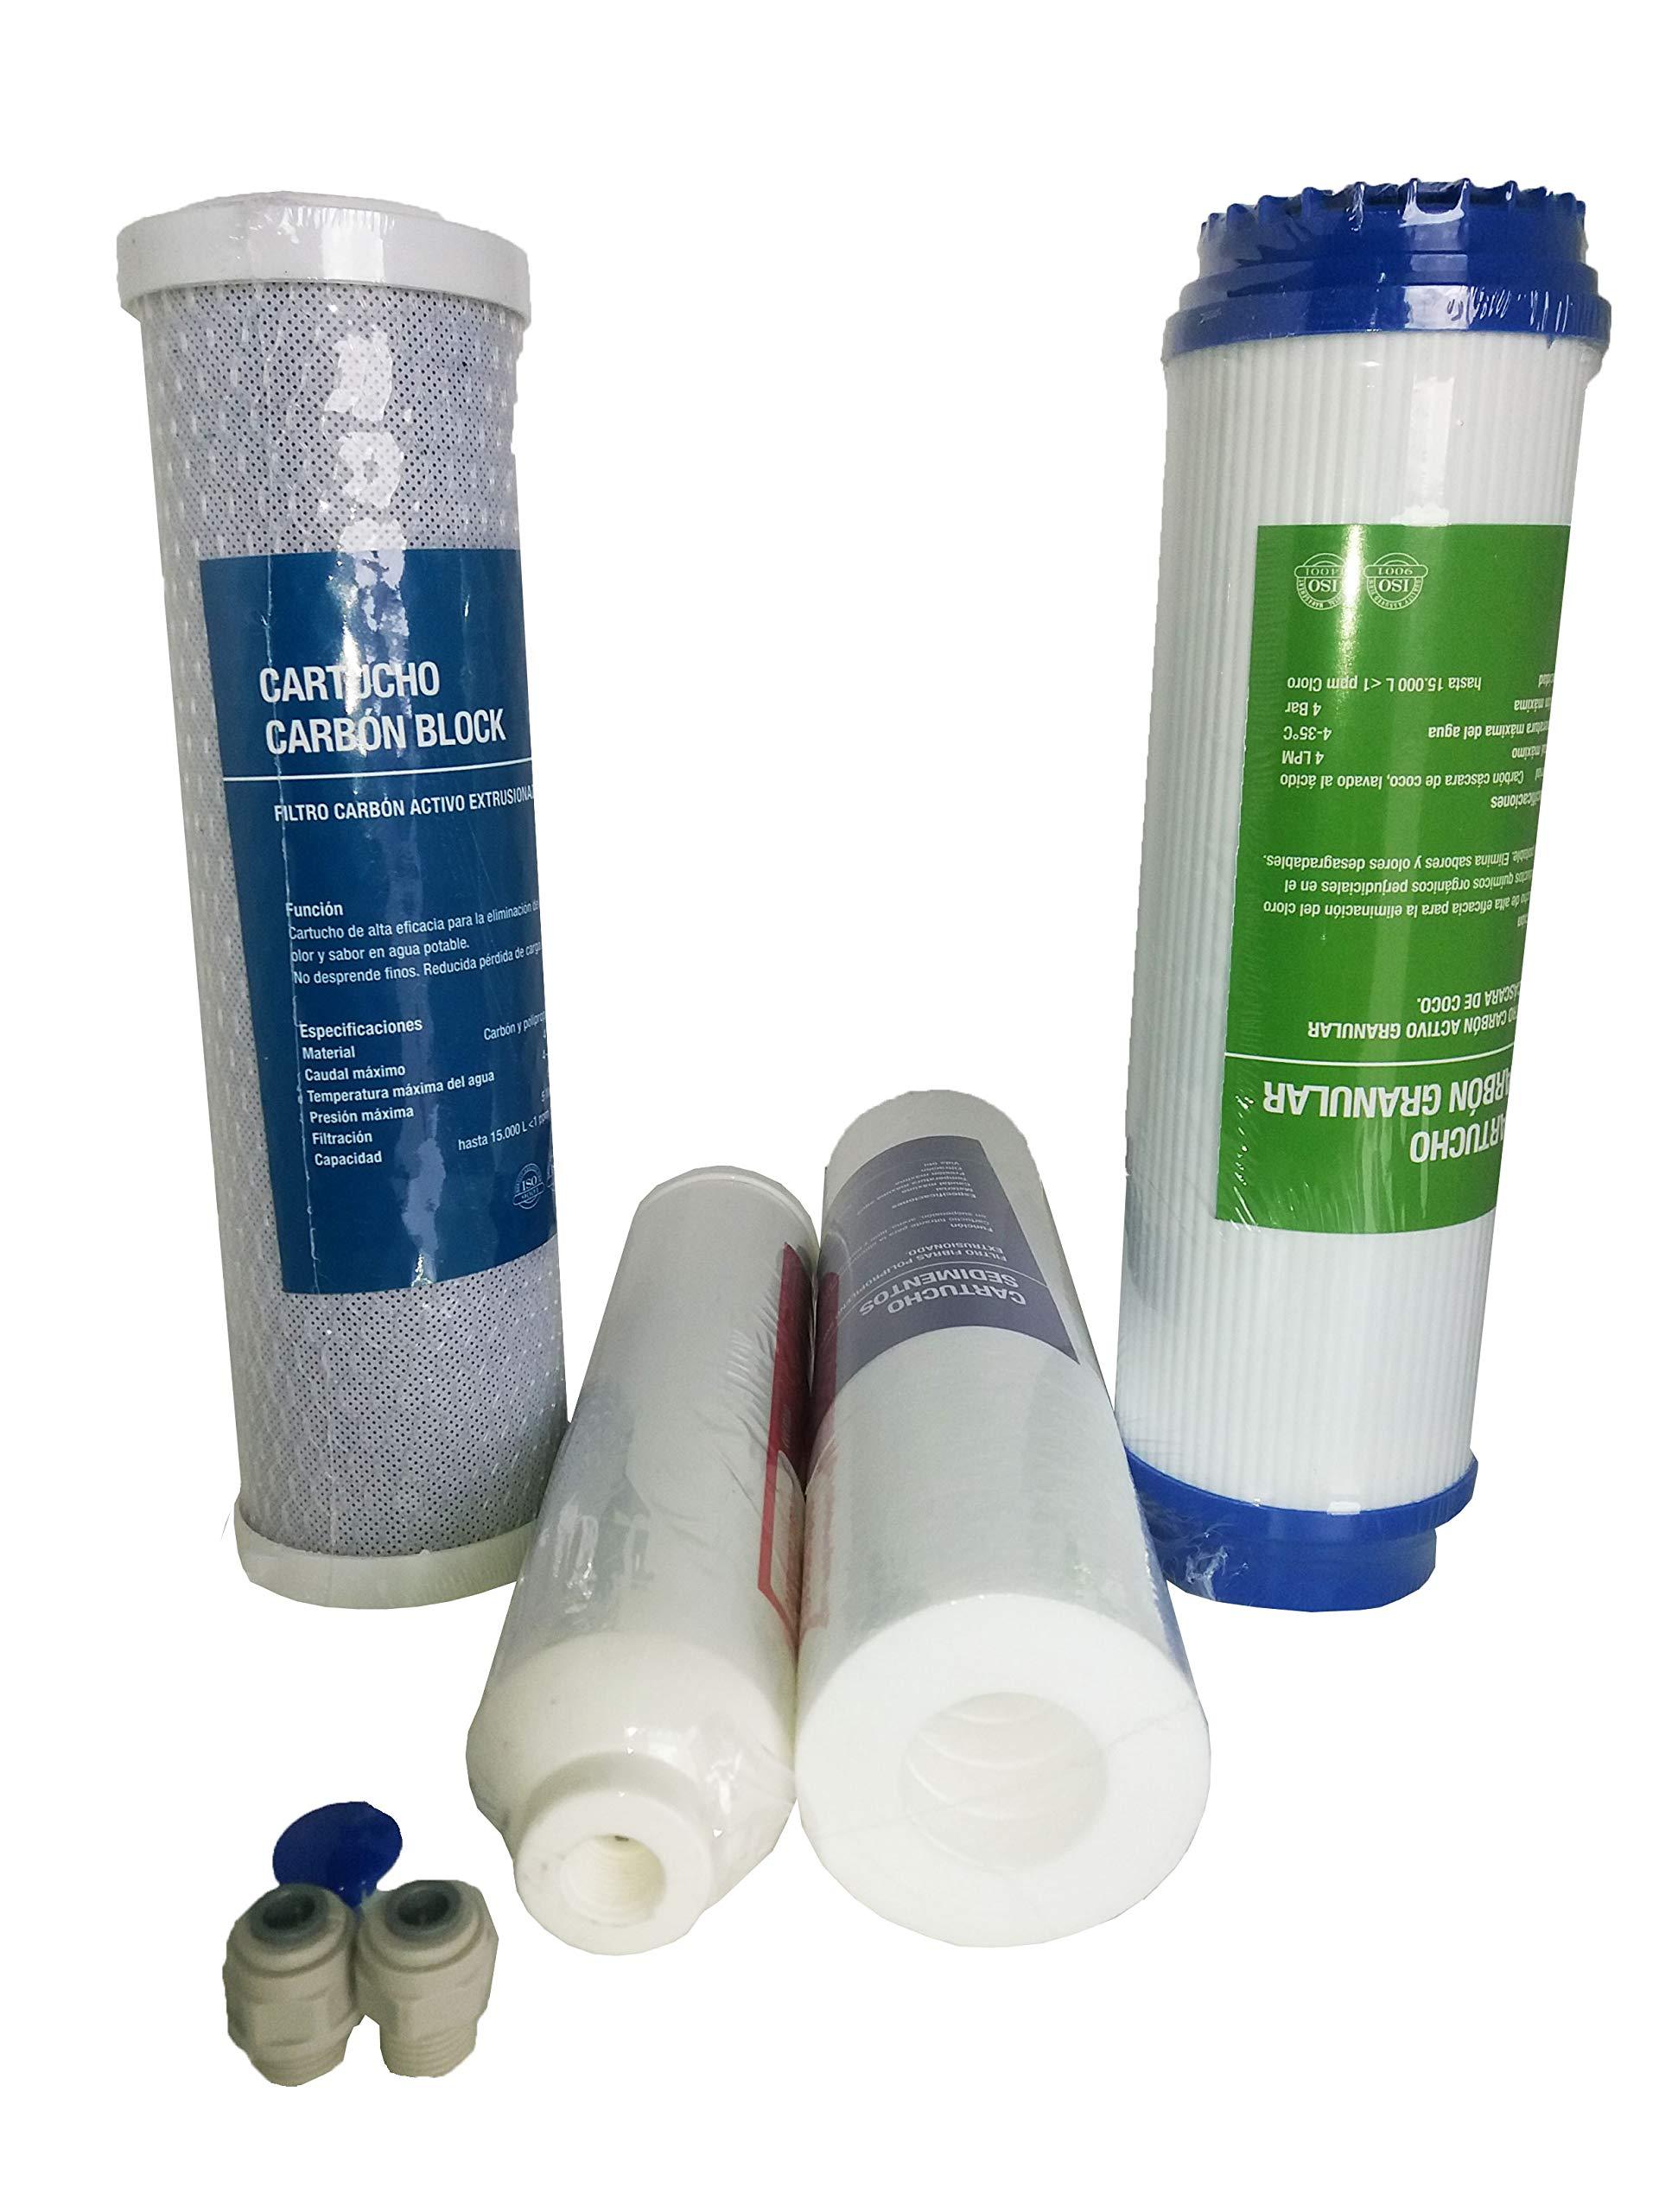 Repuesto universal Kit recambio 4 cartuchos Genius Osmosis Inversa doméstica con adaptadores para varios modelos